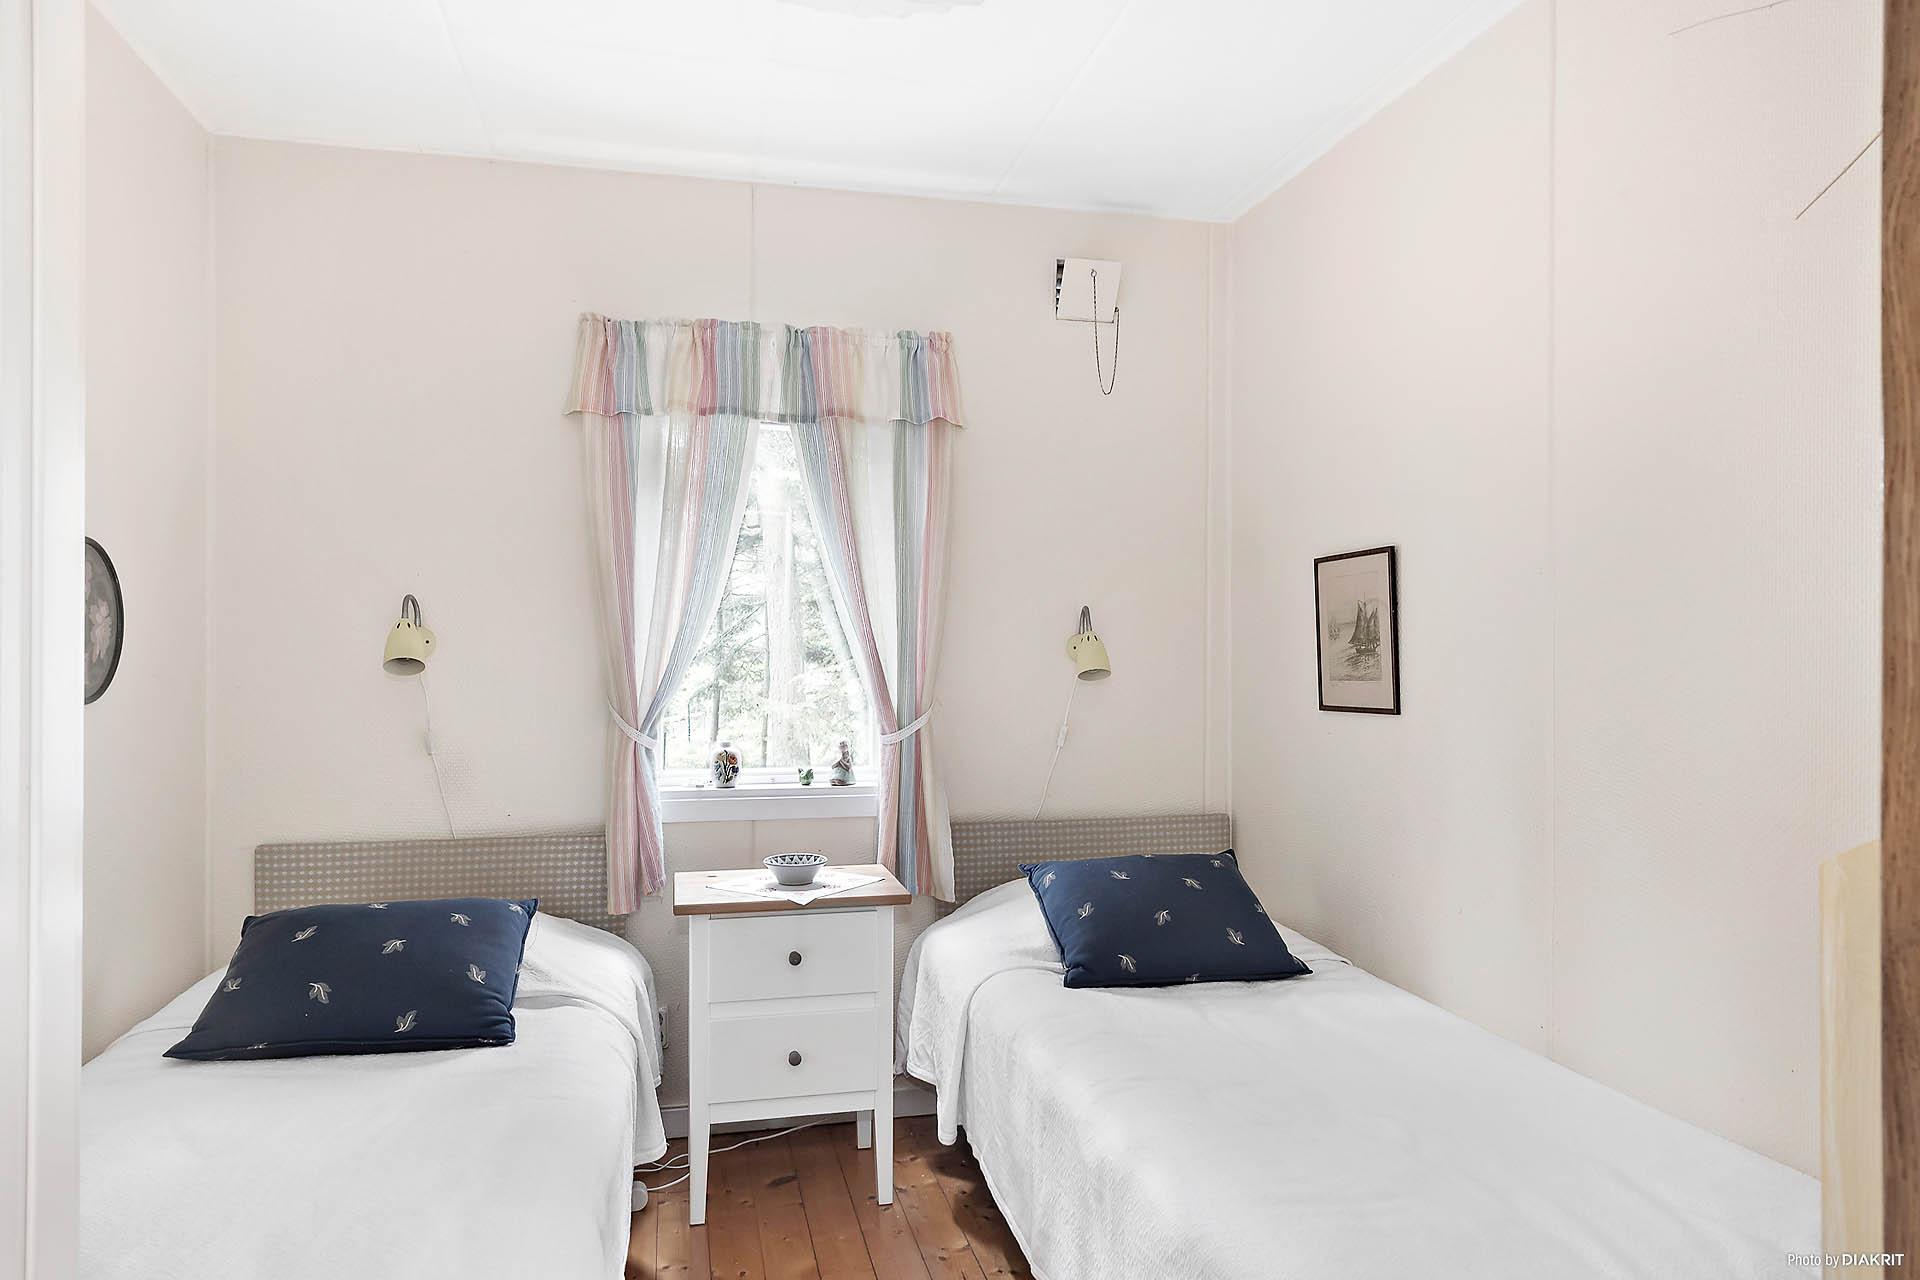 Sovrummet har plats för två sängar eller varför inte våningssängar. Givetvis kan här ställas dubbelsäng istället.